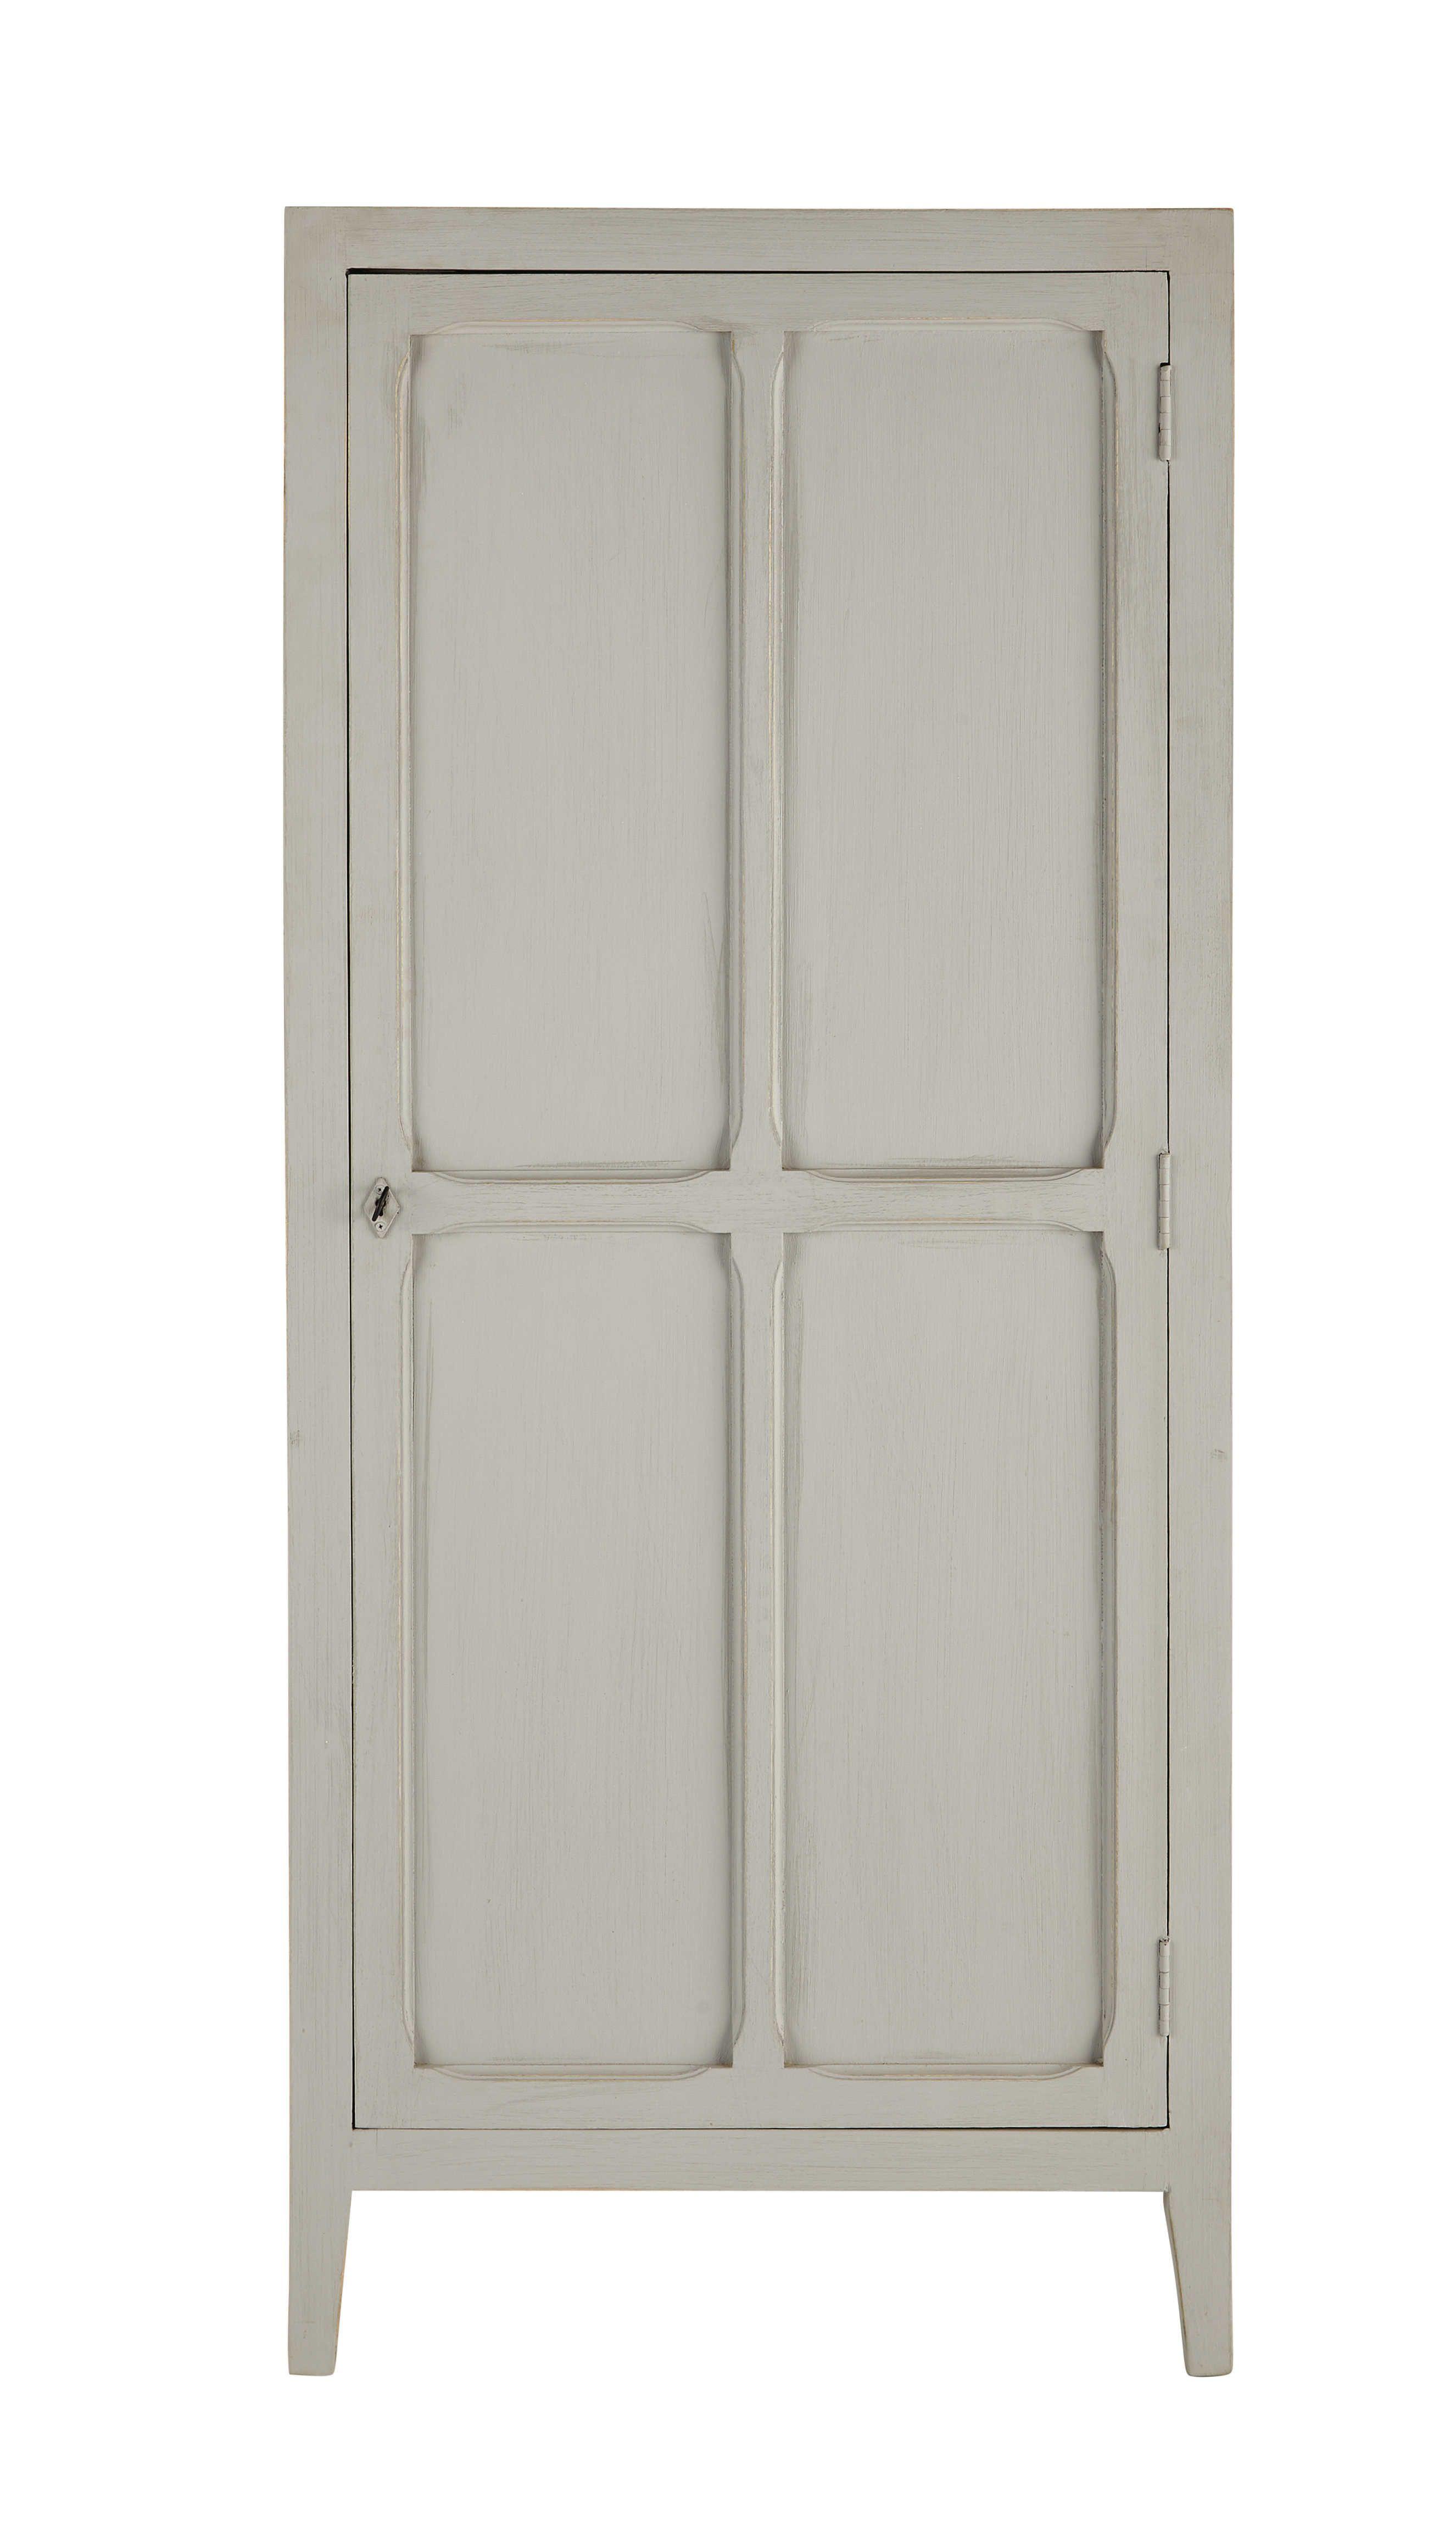 Schrank aus Mangoholz, B 75 cm, grau | Pinterest | Schränkchen, Grau ...